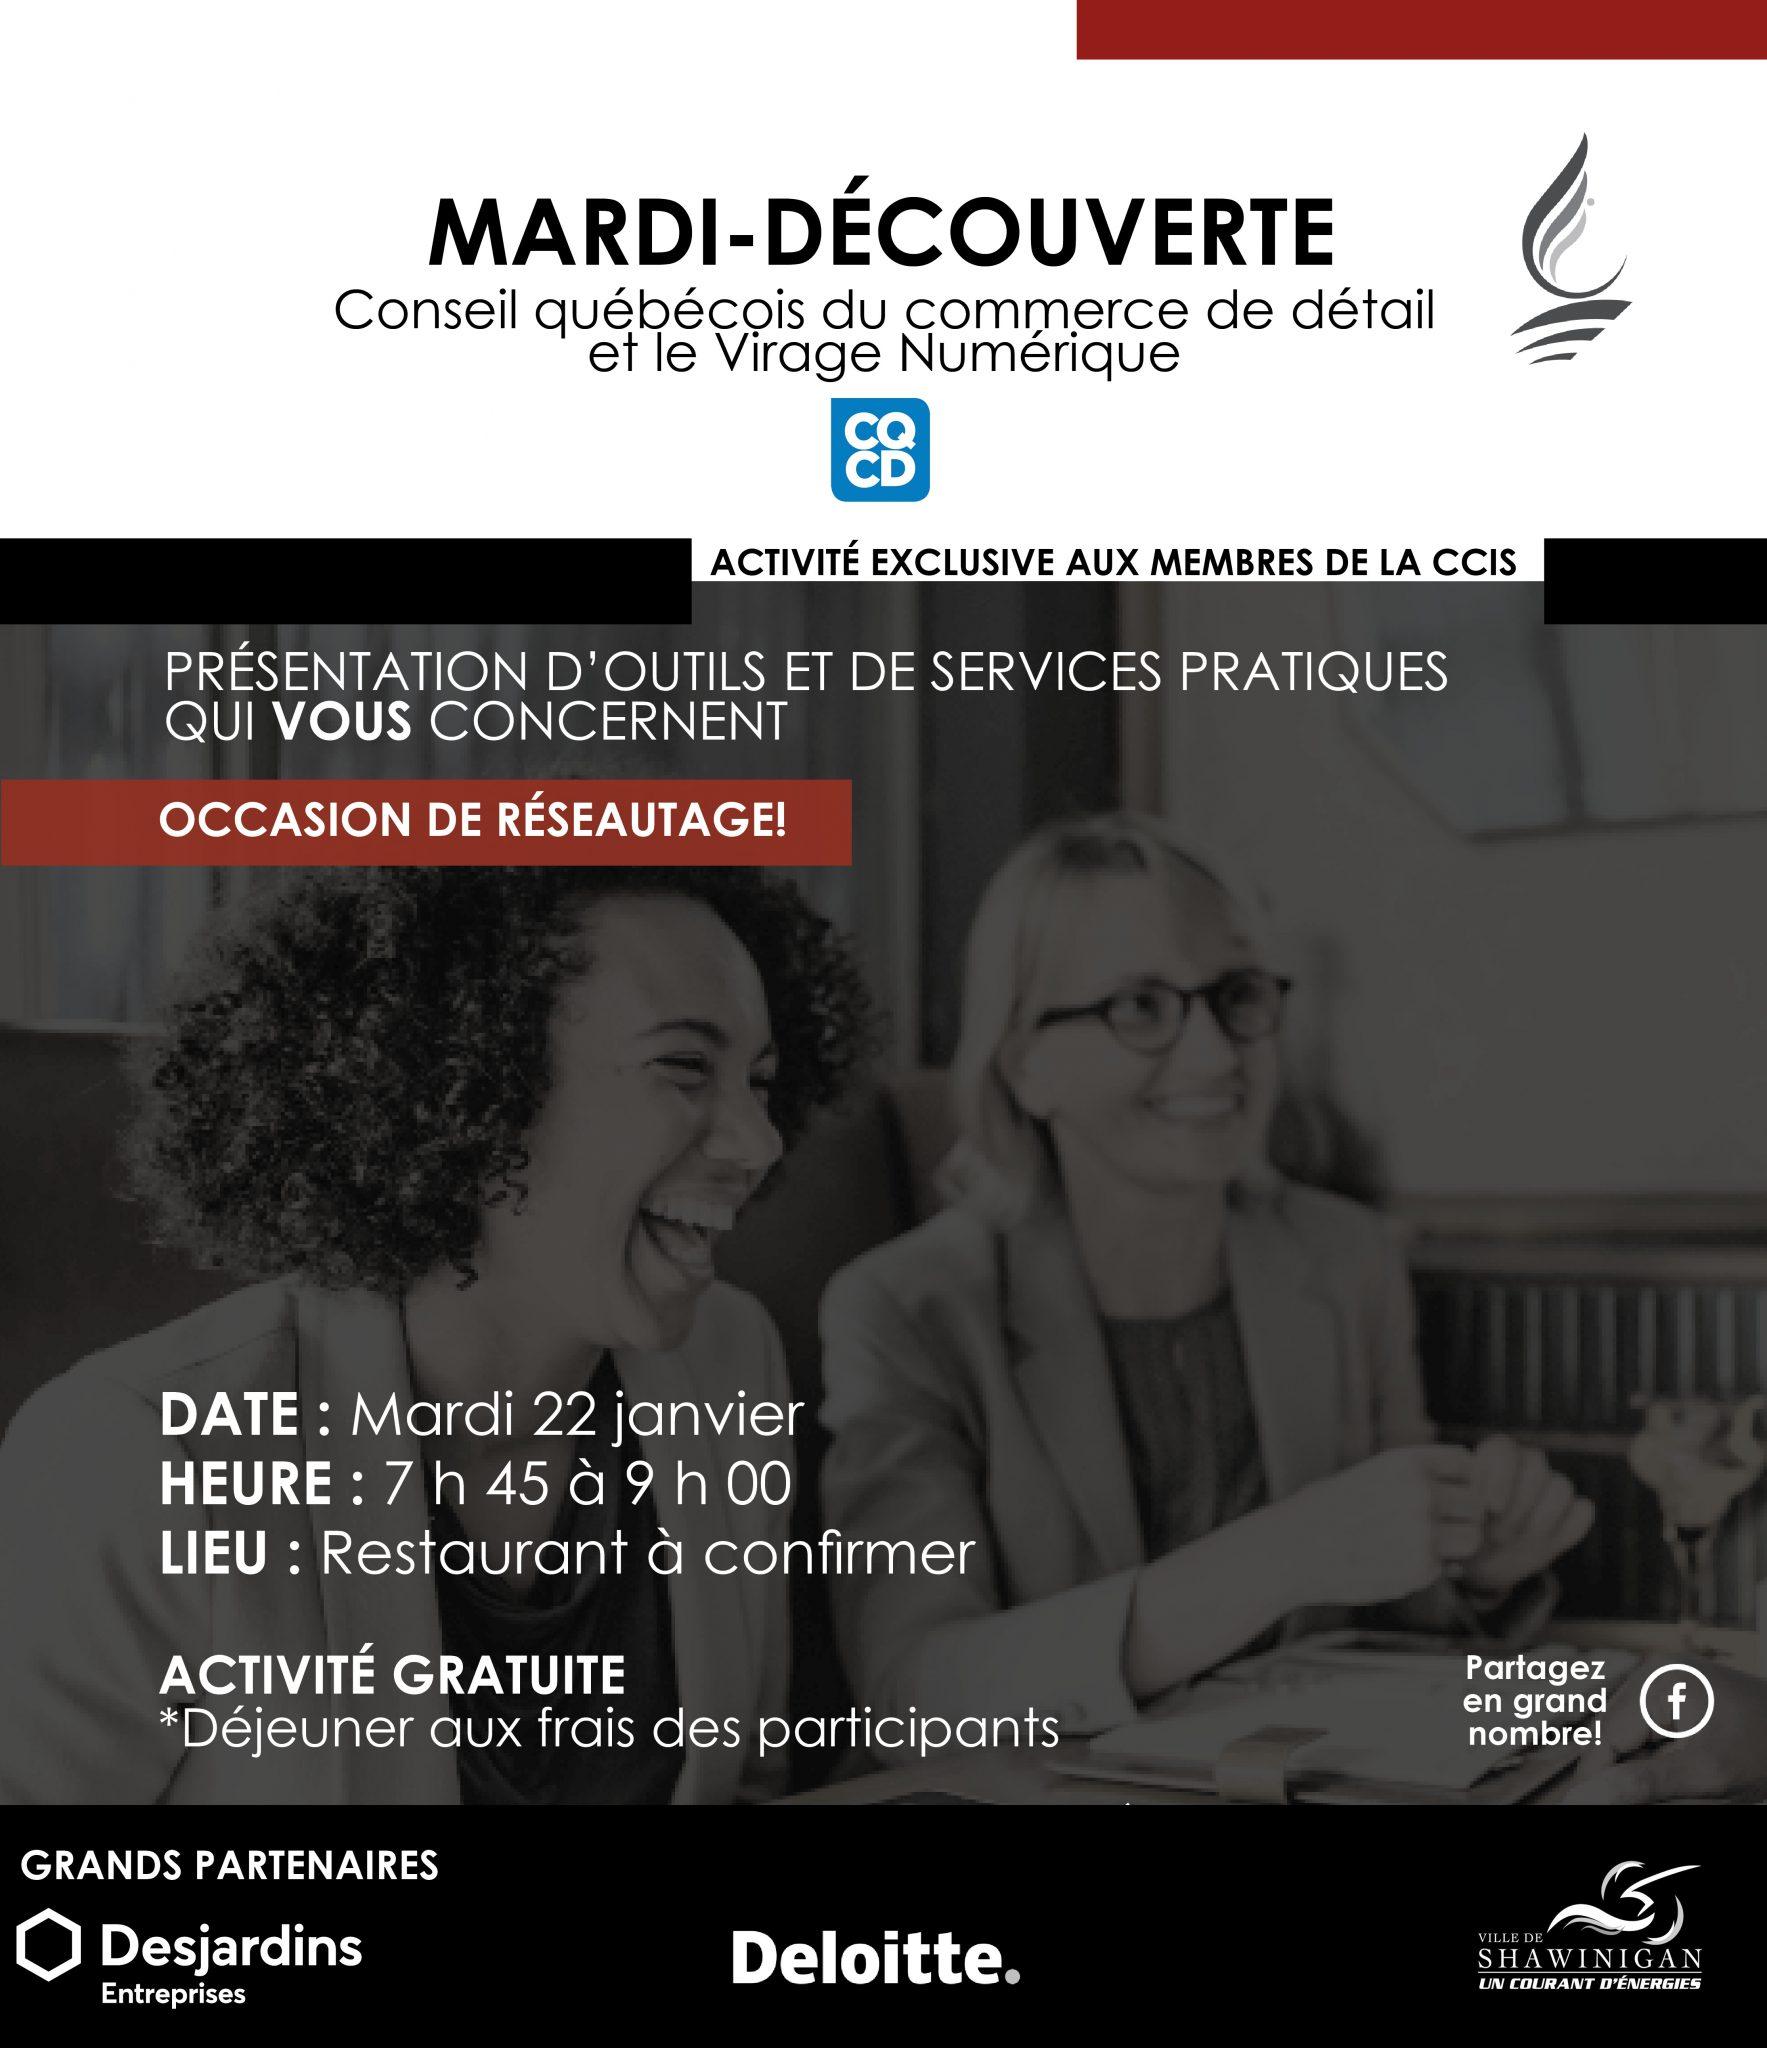 Mardi découverte_conseil qc